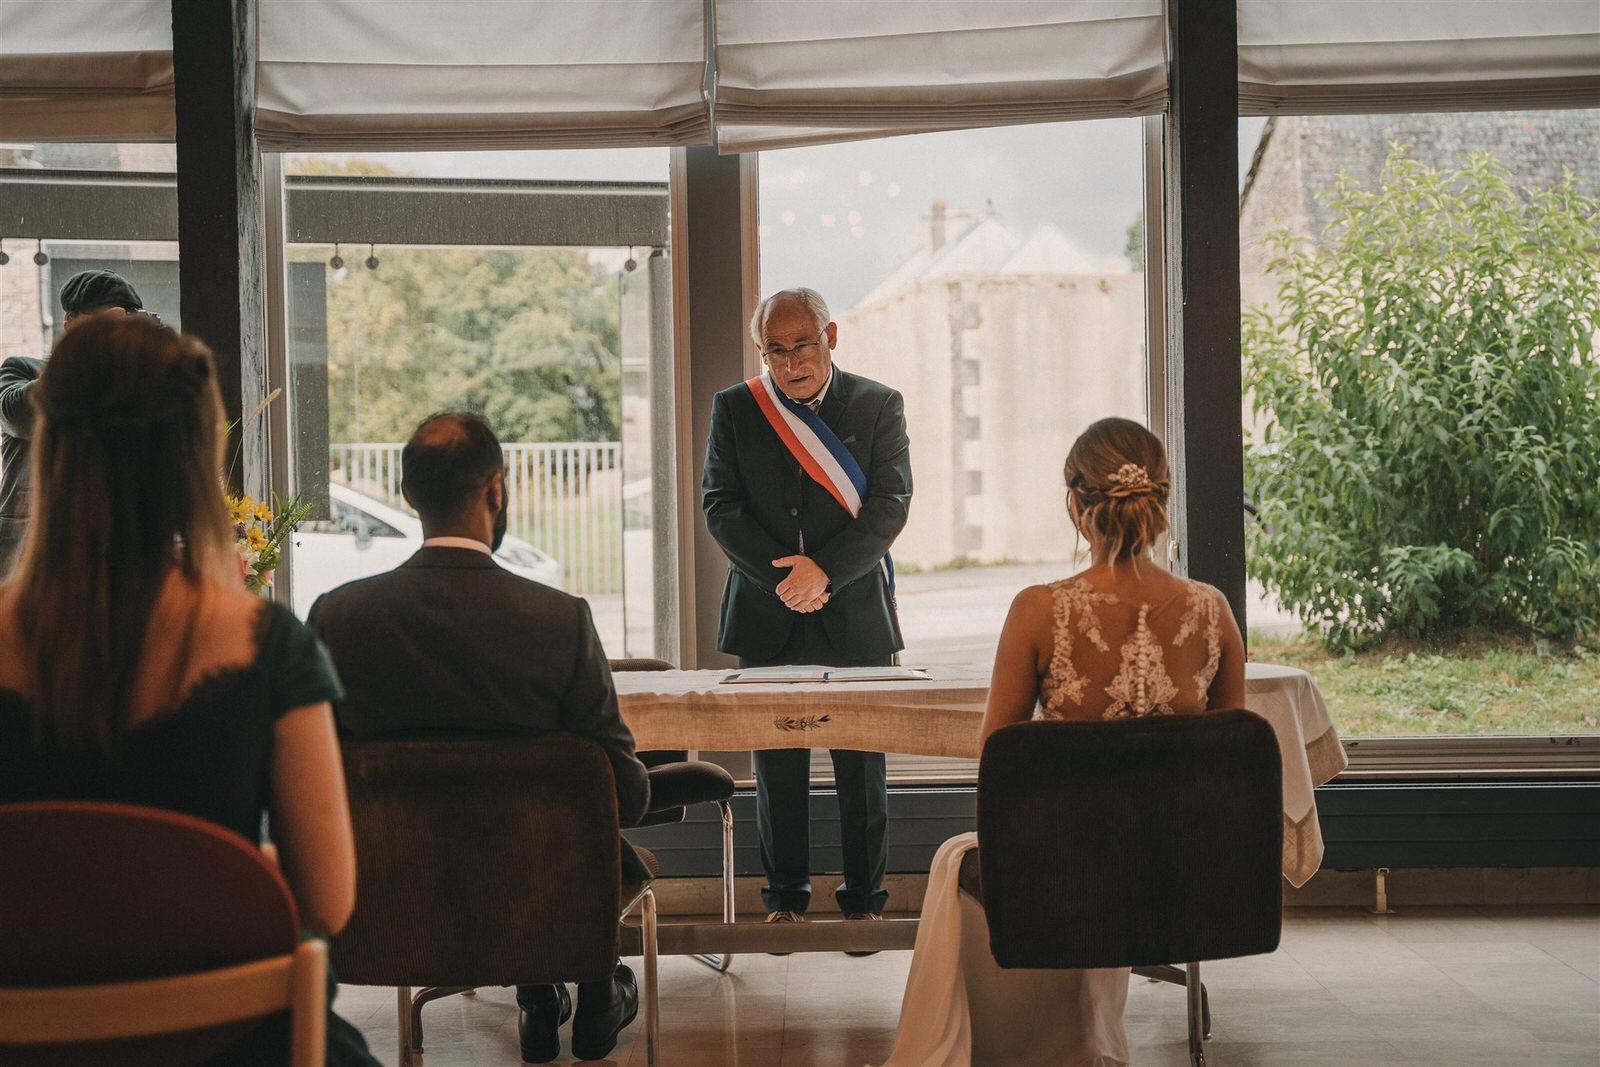 Photo Du Mariage D Hélène Et Prem À La Mairie Et L Église De Briec Et Au Manoir De Kerhuel À Plounéour Lanvern 395 Www.antoineborzeix.fr , Photographe & Videaste à Brest / Finistère